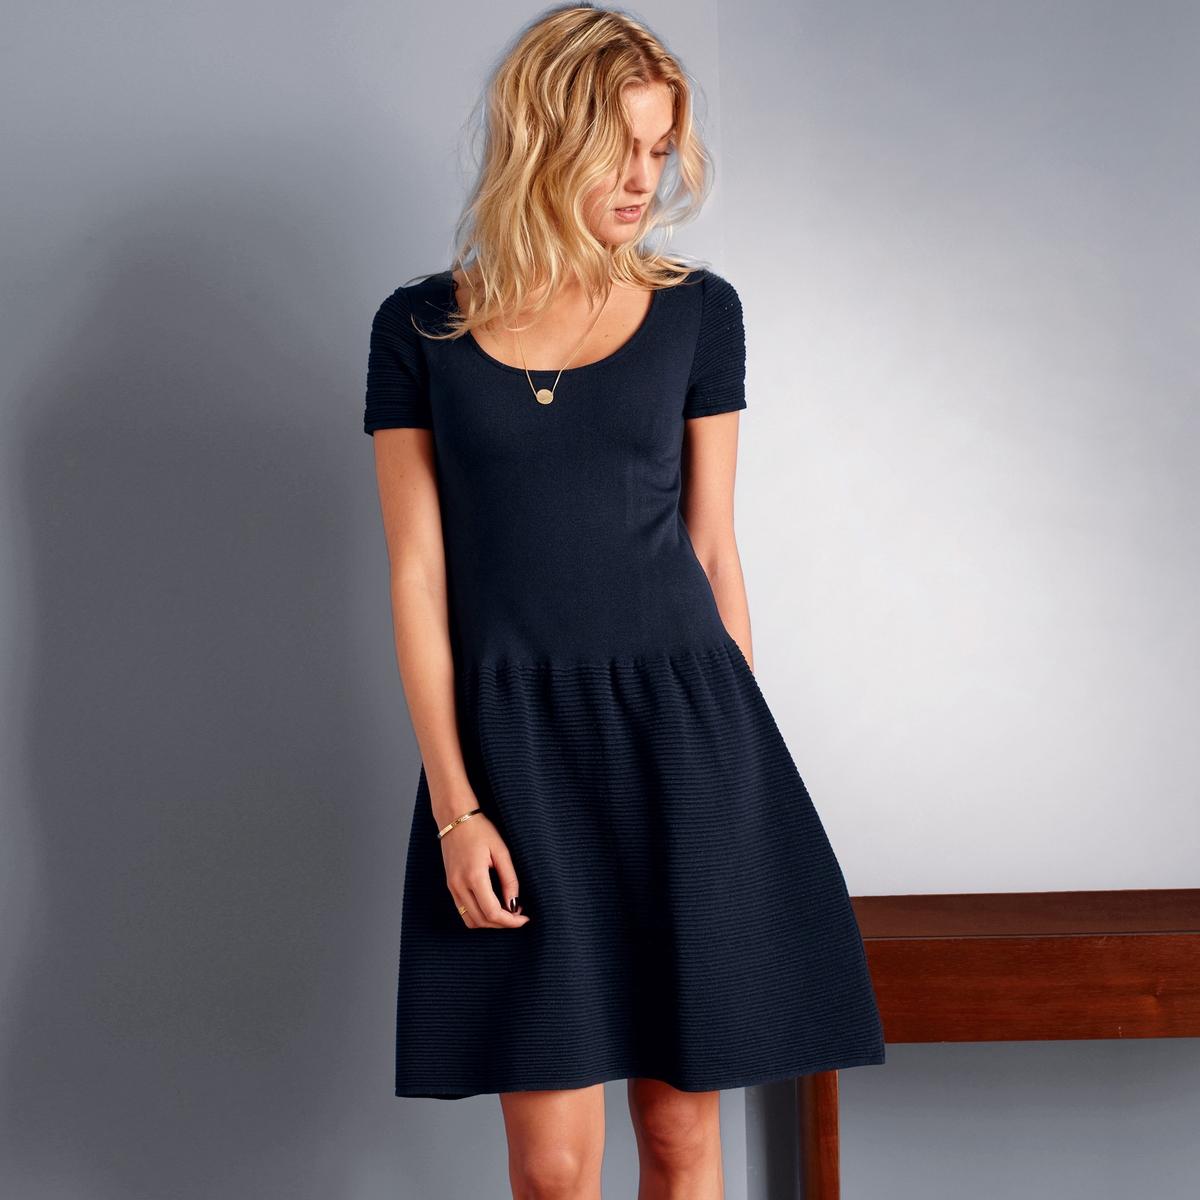 Платье из трикотажаПлатье из трикотажа 97% акрила, 3% эластана. Короткие рукава, закруглённый вырез. Баска с вытачками. Длина 88 см.<br><br>Цвет: синий морской